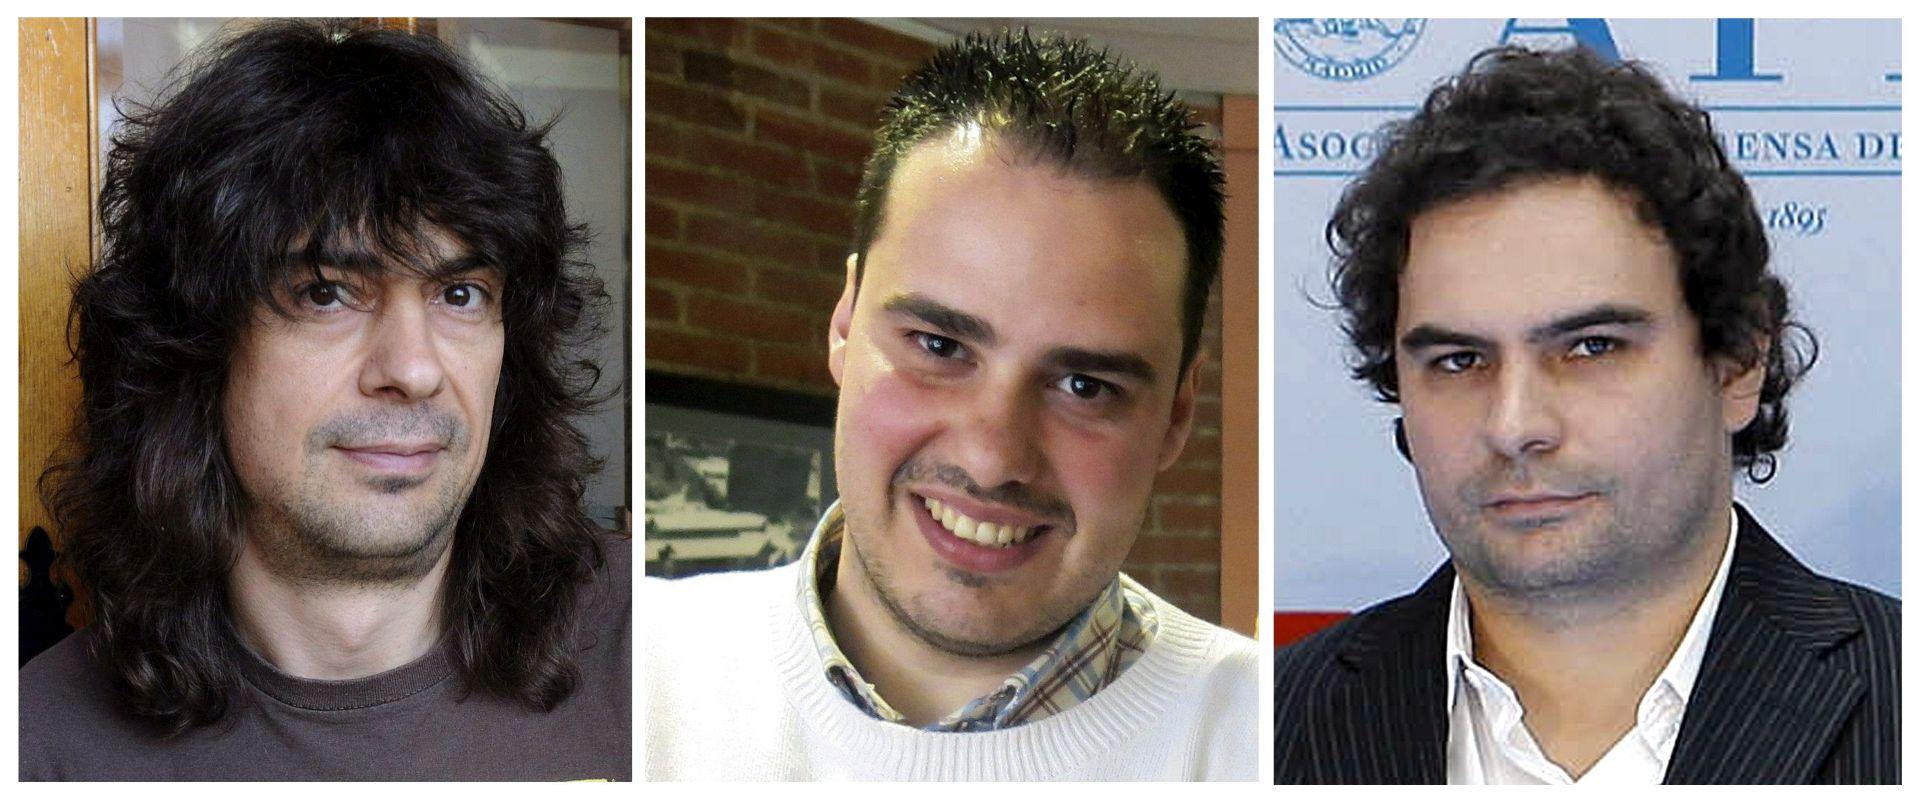 Oslobođeni španjolski novinari vratili se u svoju zemlju